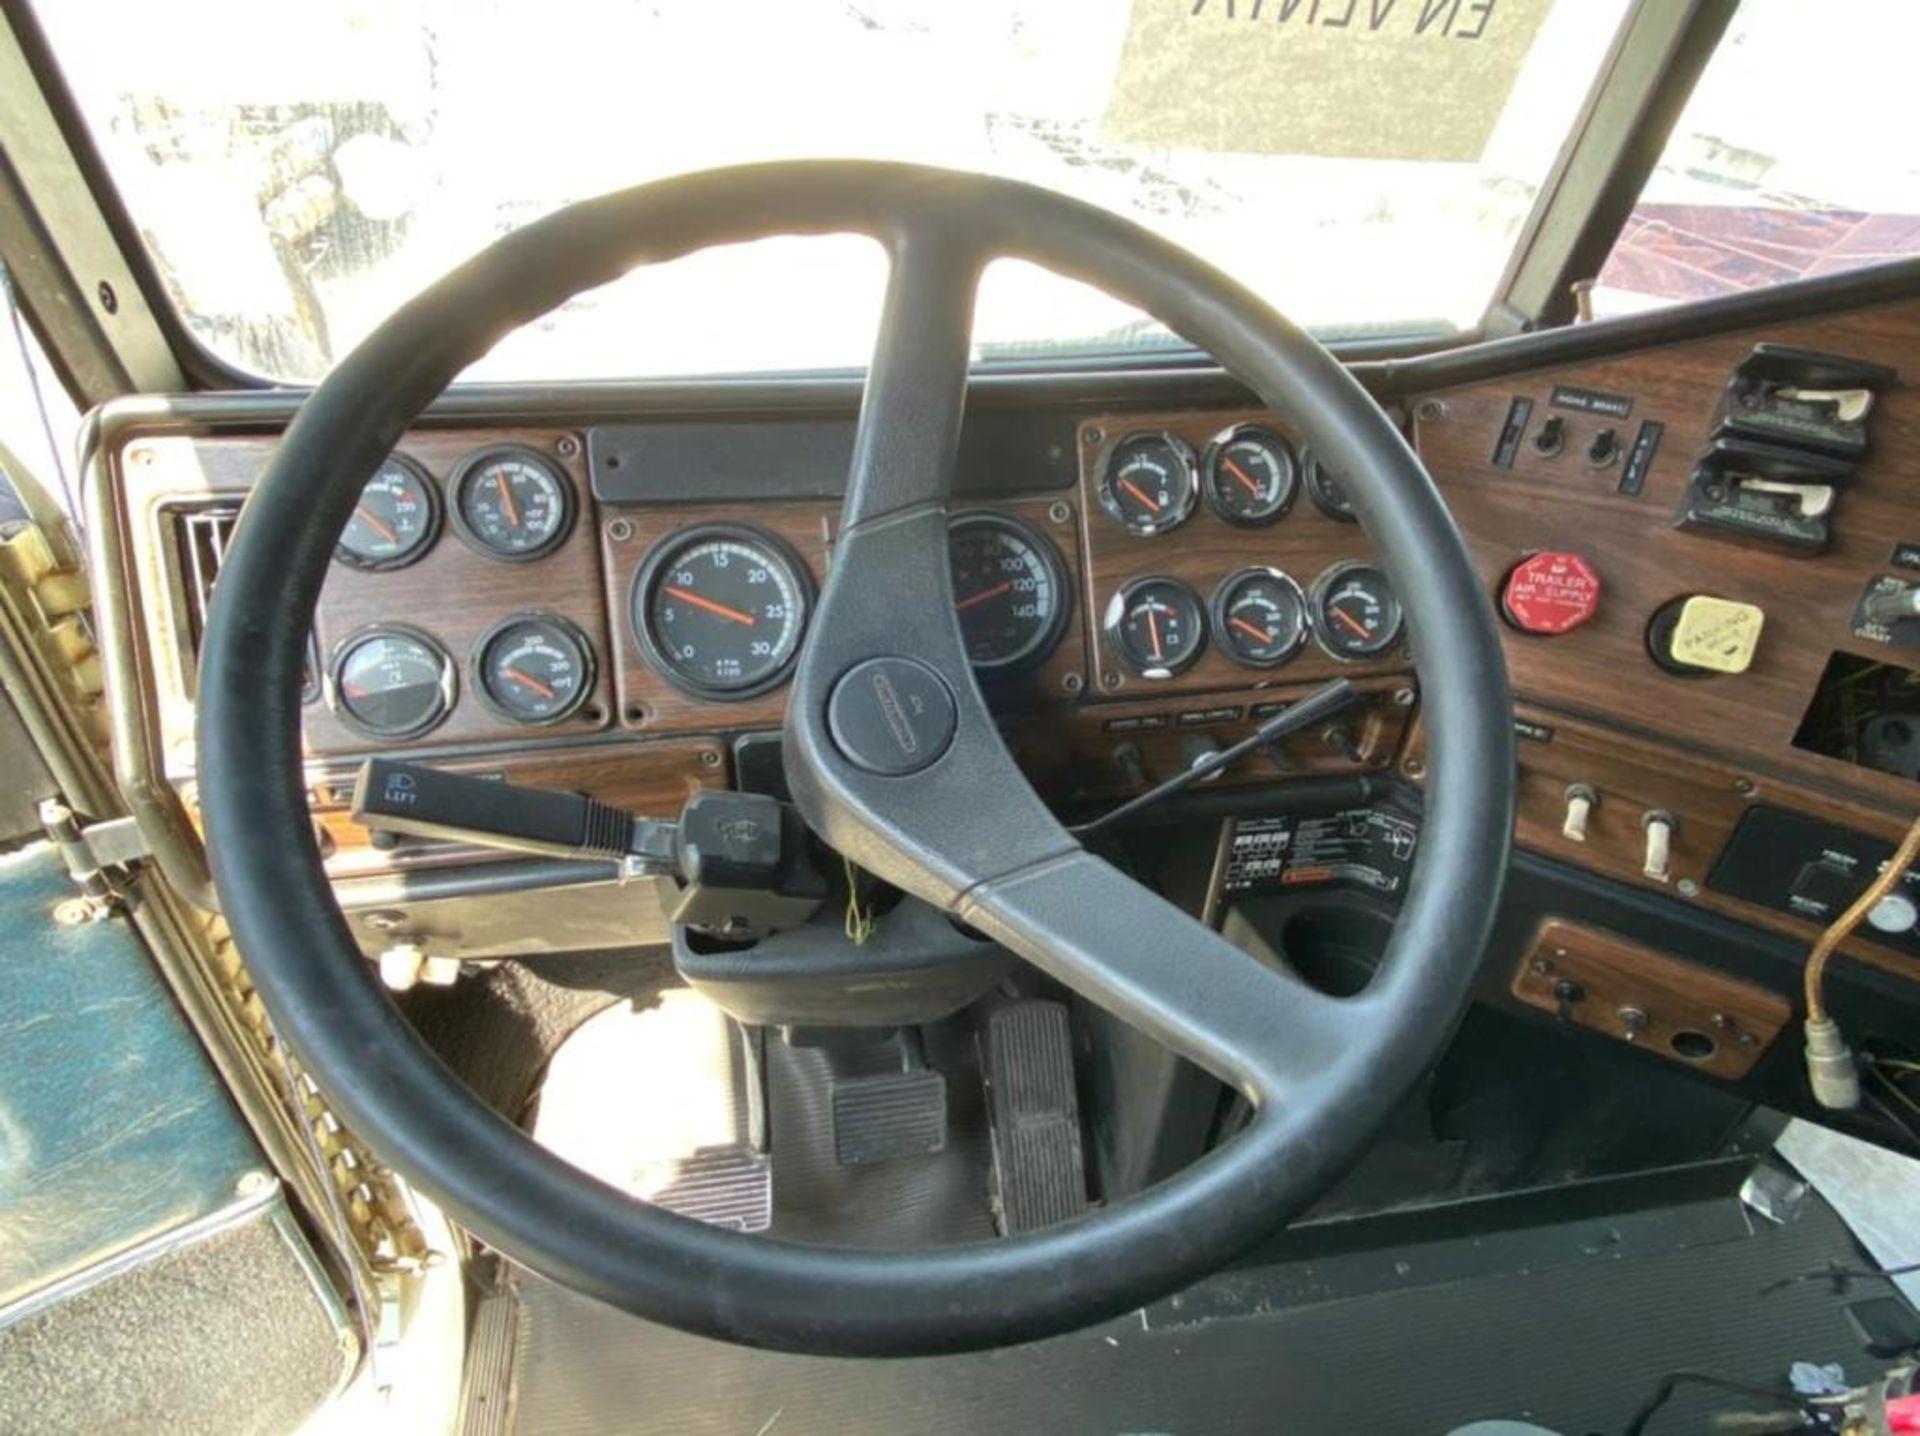 Tractocamión Marca FREIGHTLINER FLD-120, Modelo 1999 - Image 23 of 28